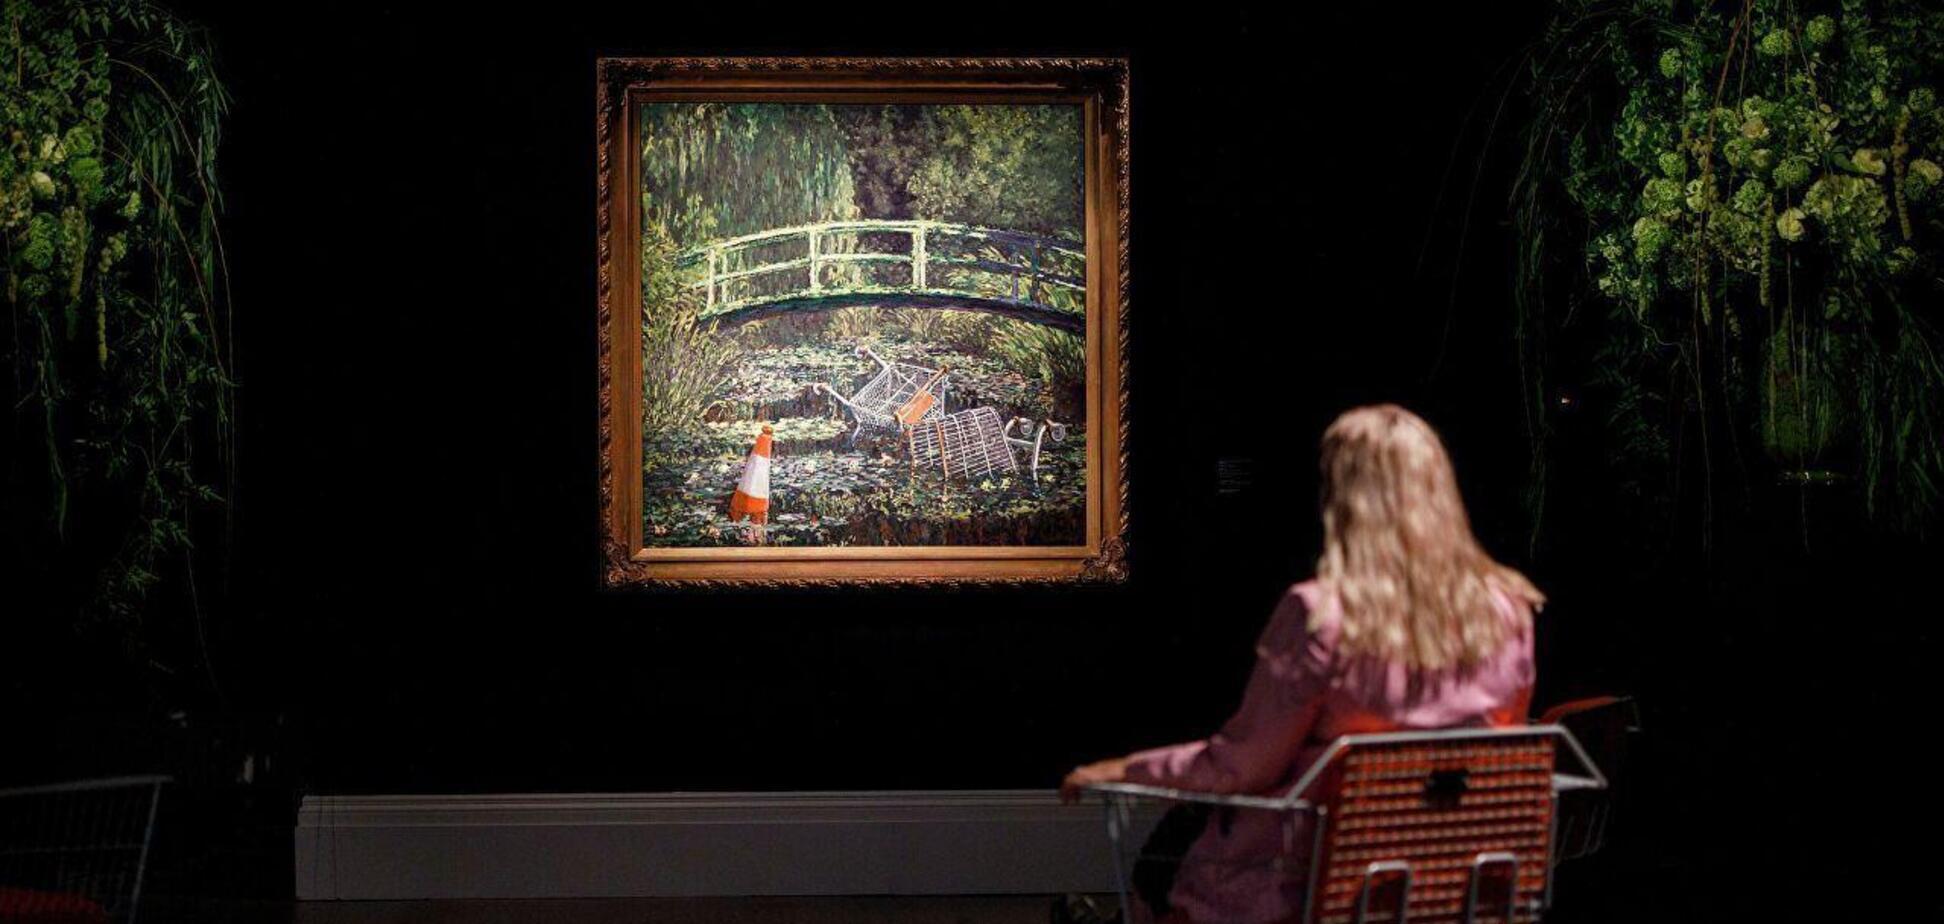 Картину Бенксі 'Покажи мені Моне' продали на аукціоні майже за $10 млн